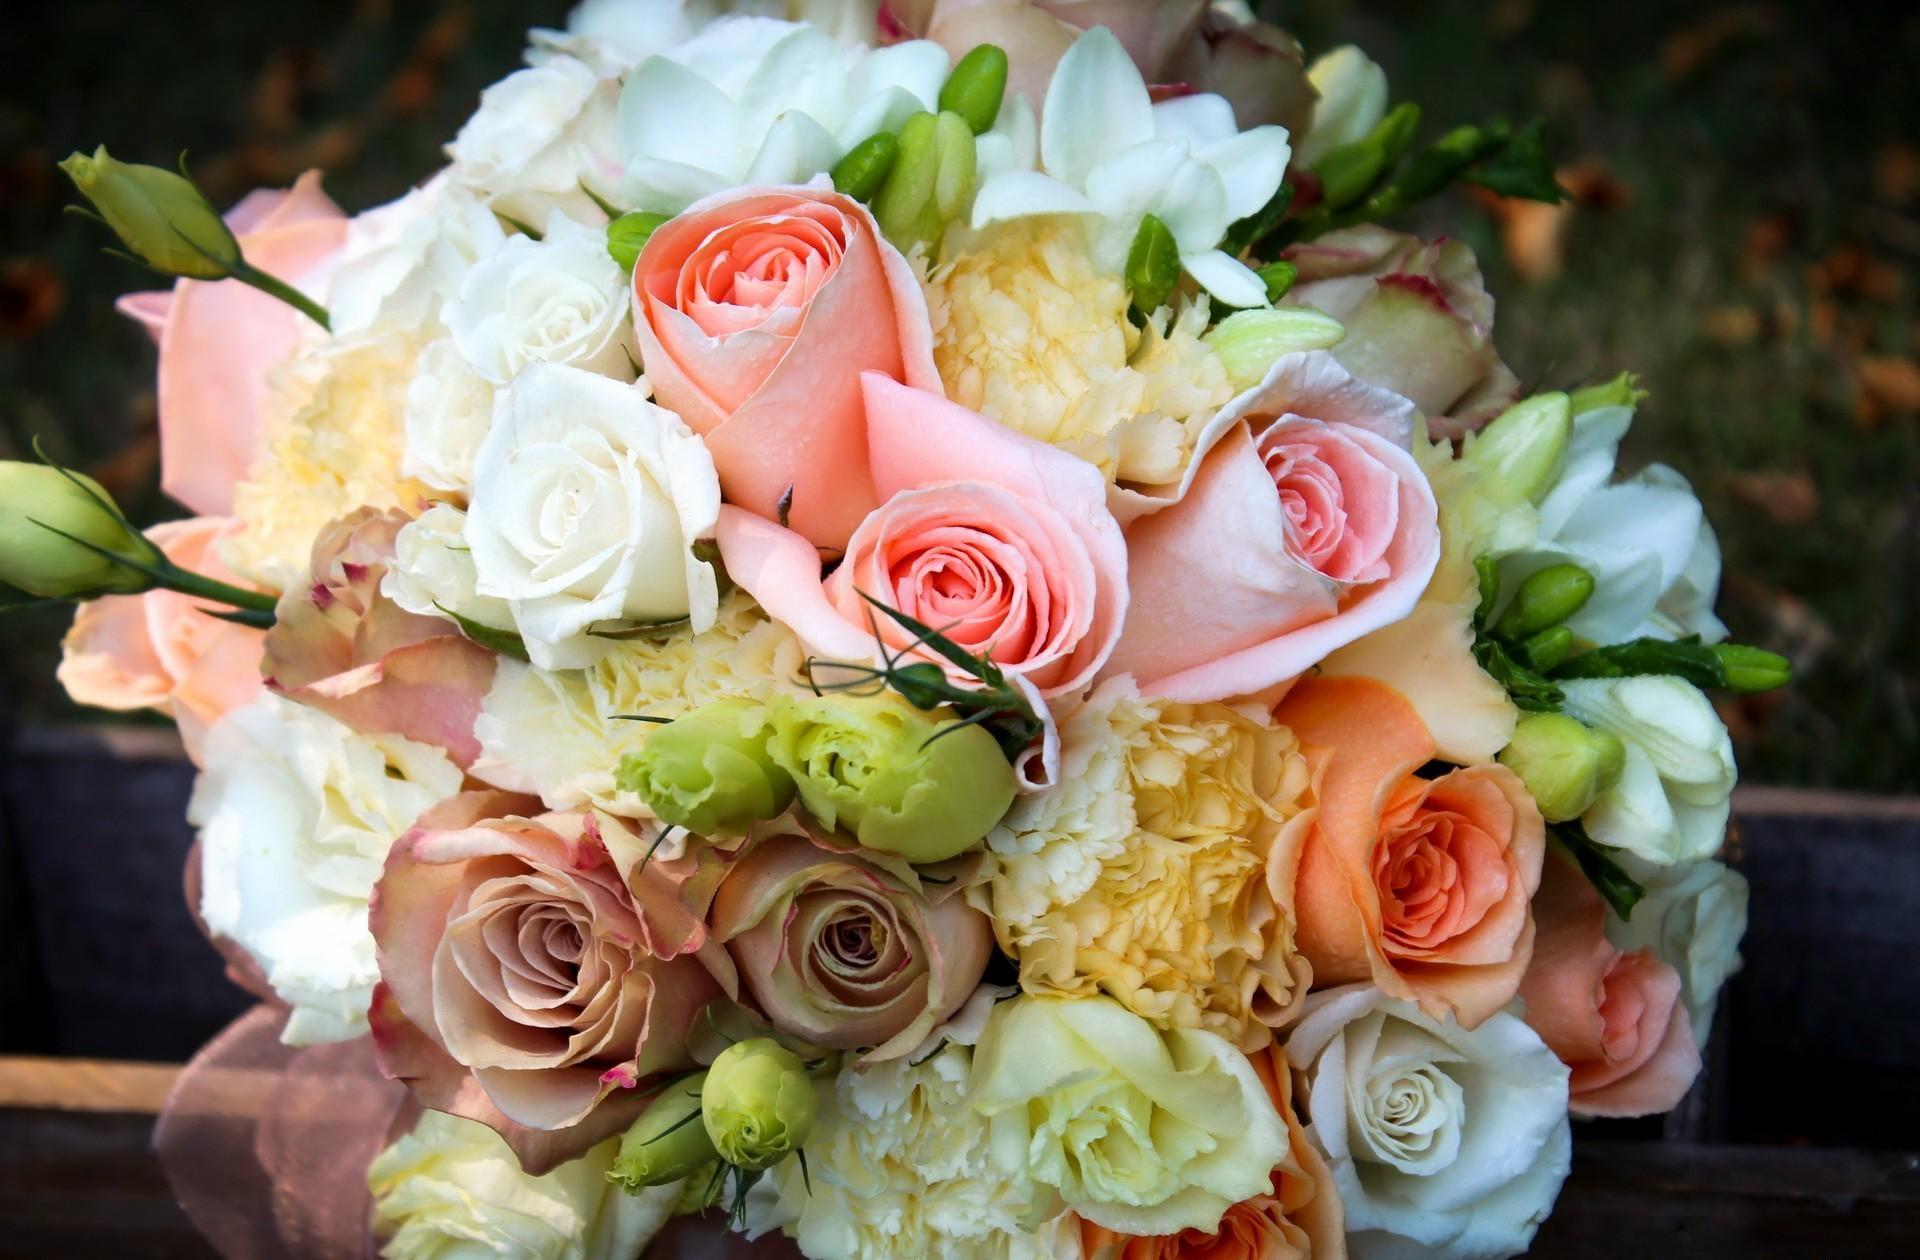 155735 скачать обои Цветы, Букет, Нежность, Розы, Пионы - заставки и картинки бесплатно